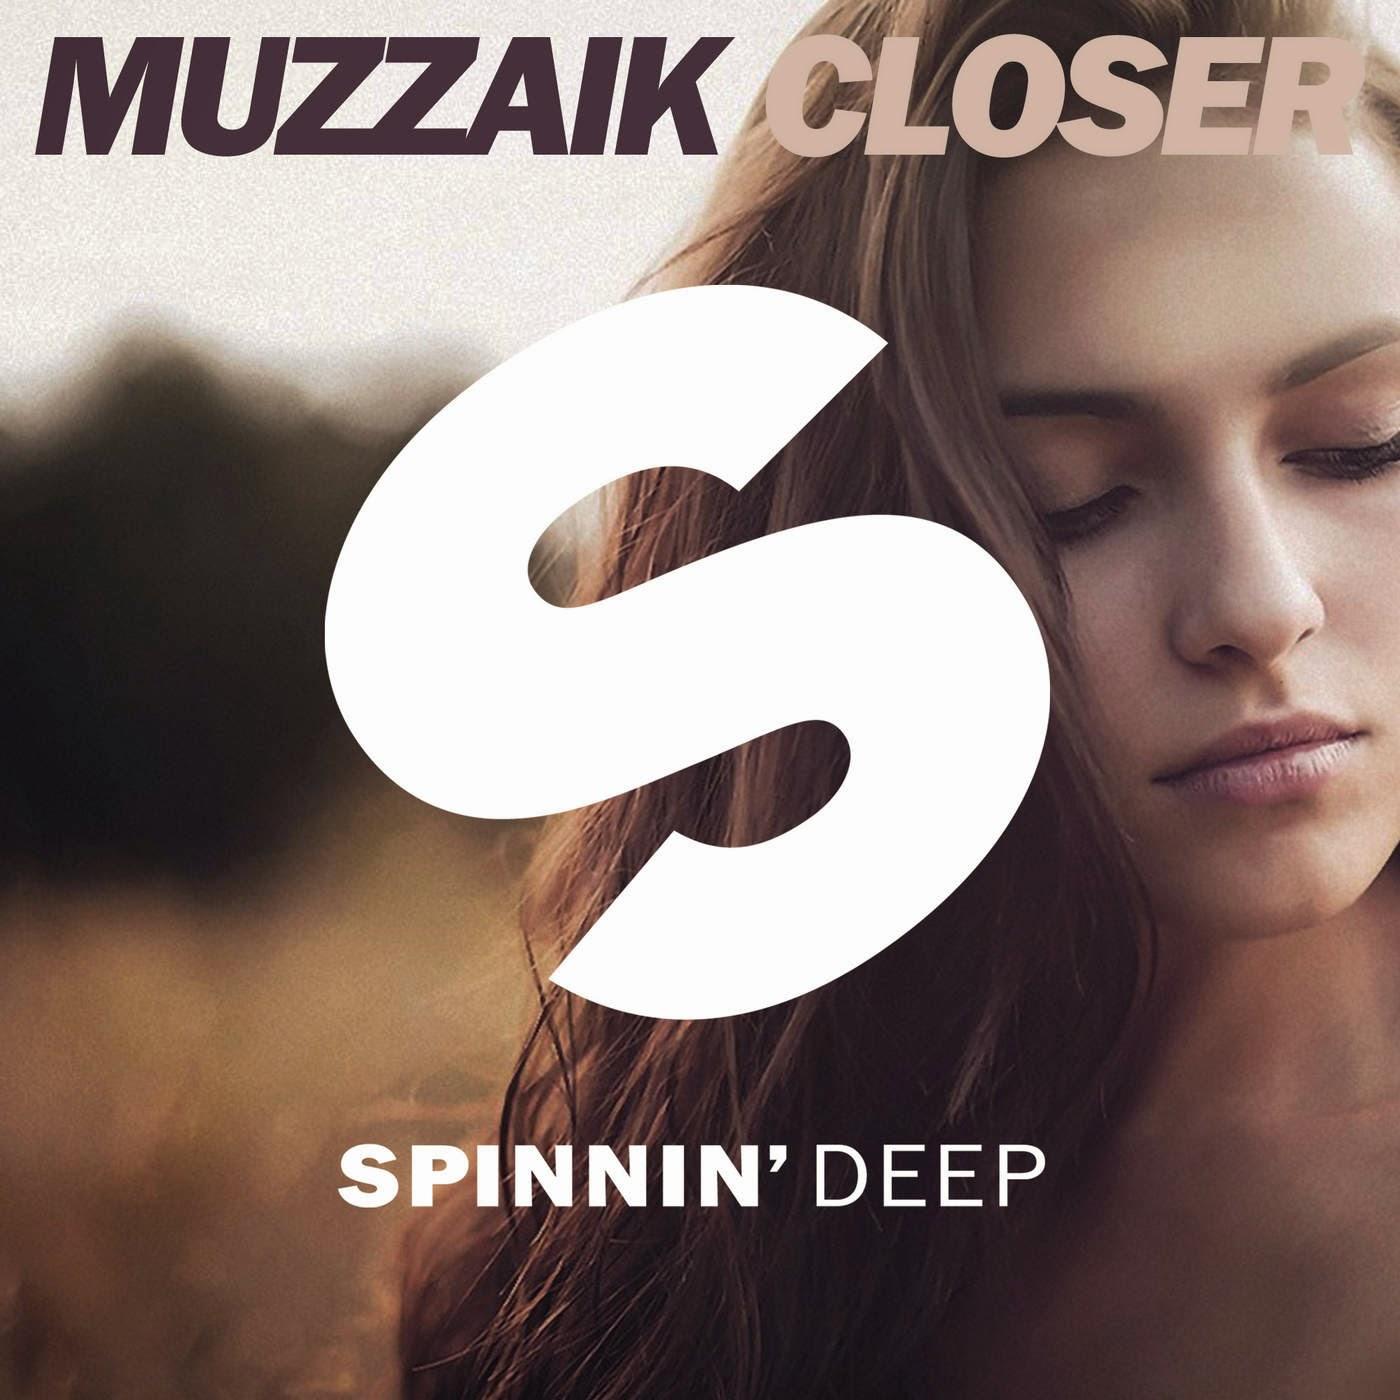 Muzzaik - Closer - Single